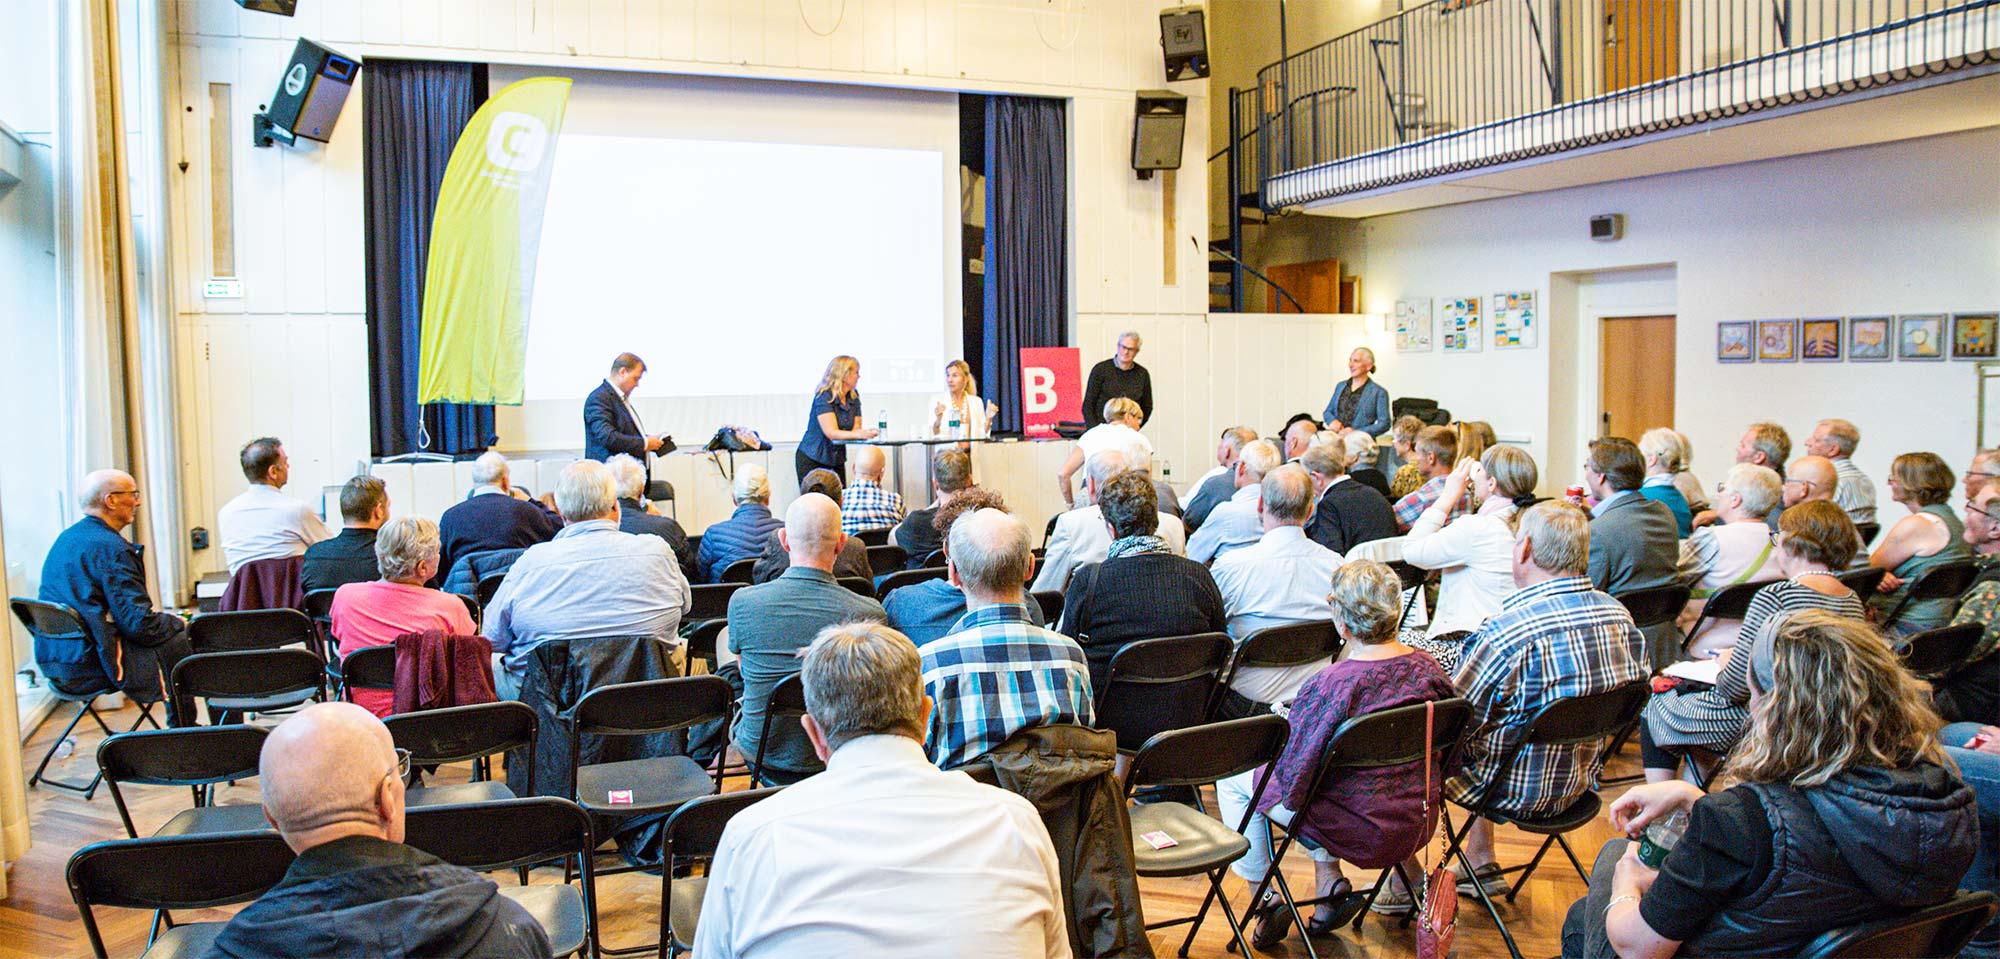 Aulaen på Dragør Skole dannede ramme for debatten, der var arrangeret af Konservative og Radikale. Foto: HAS.